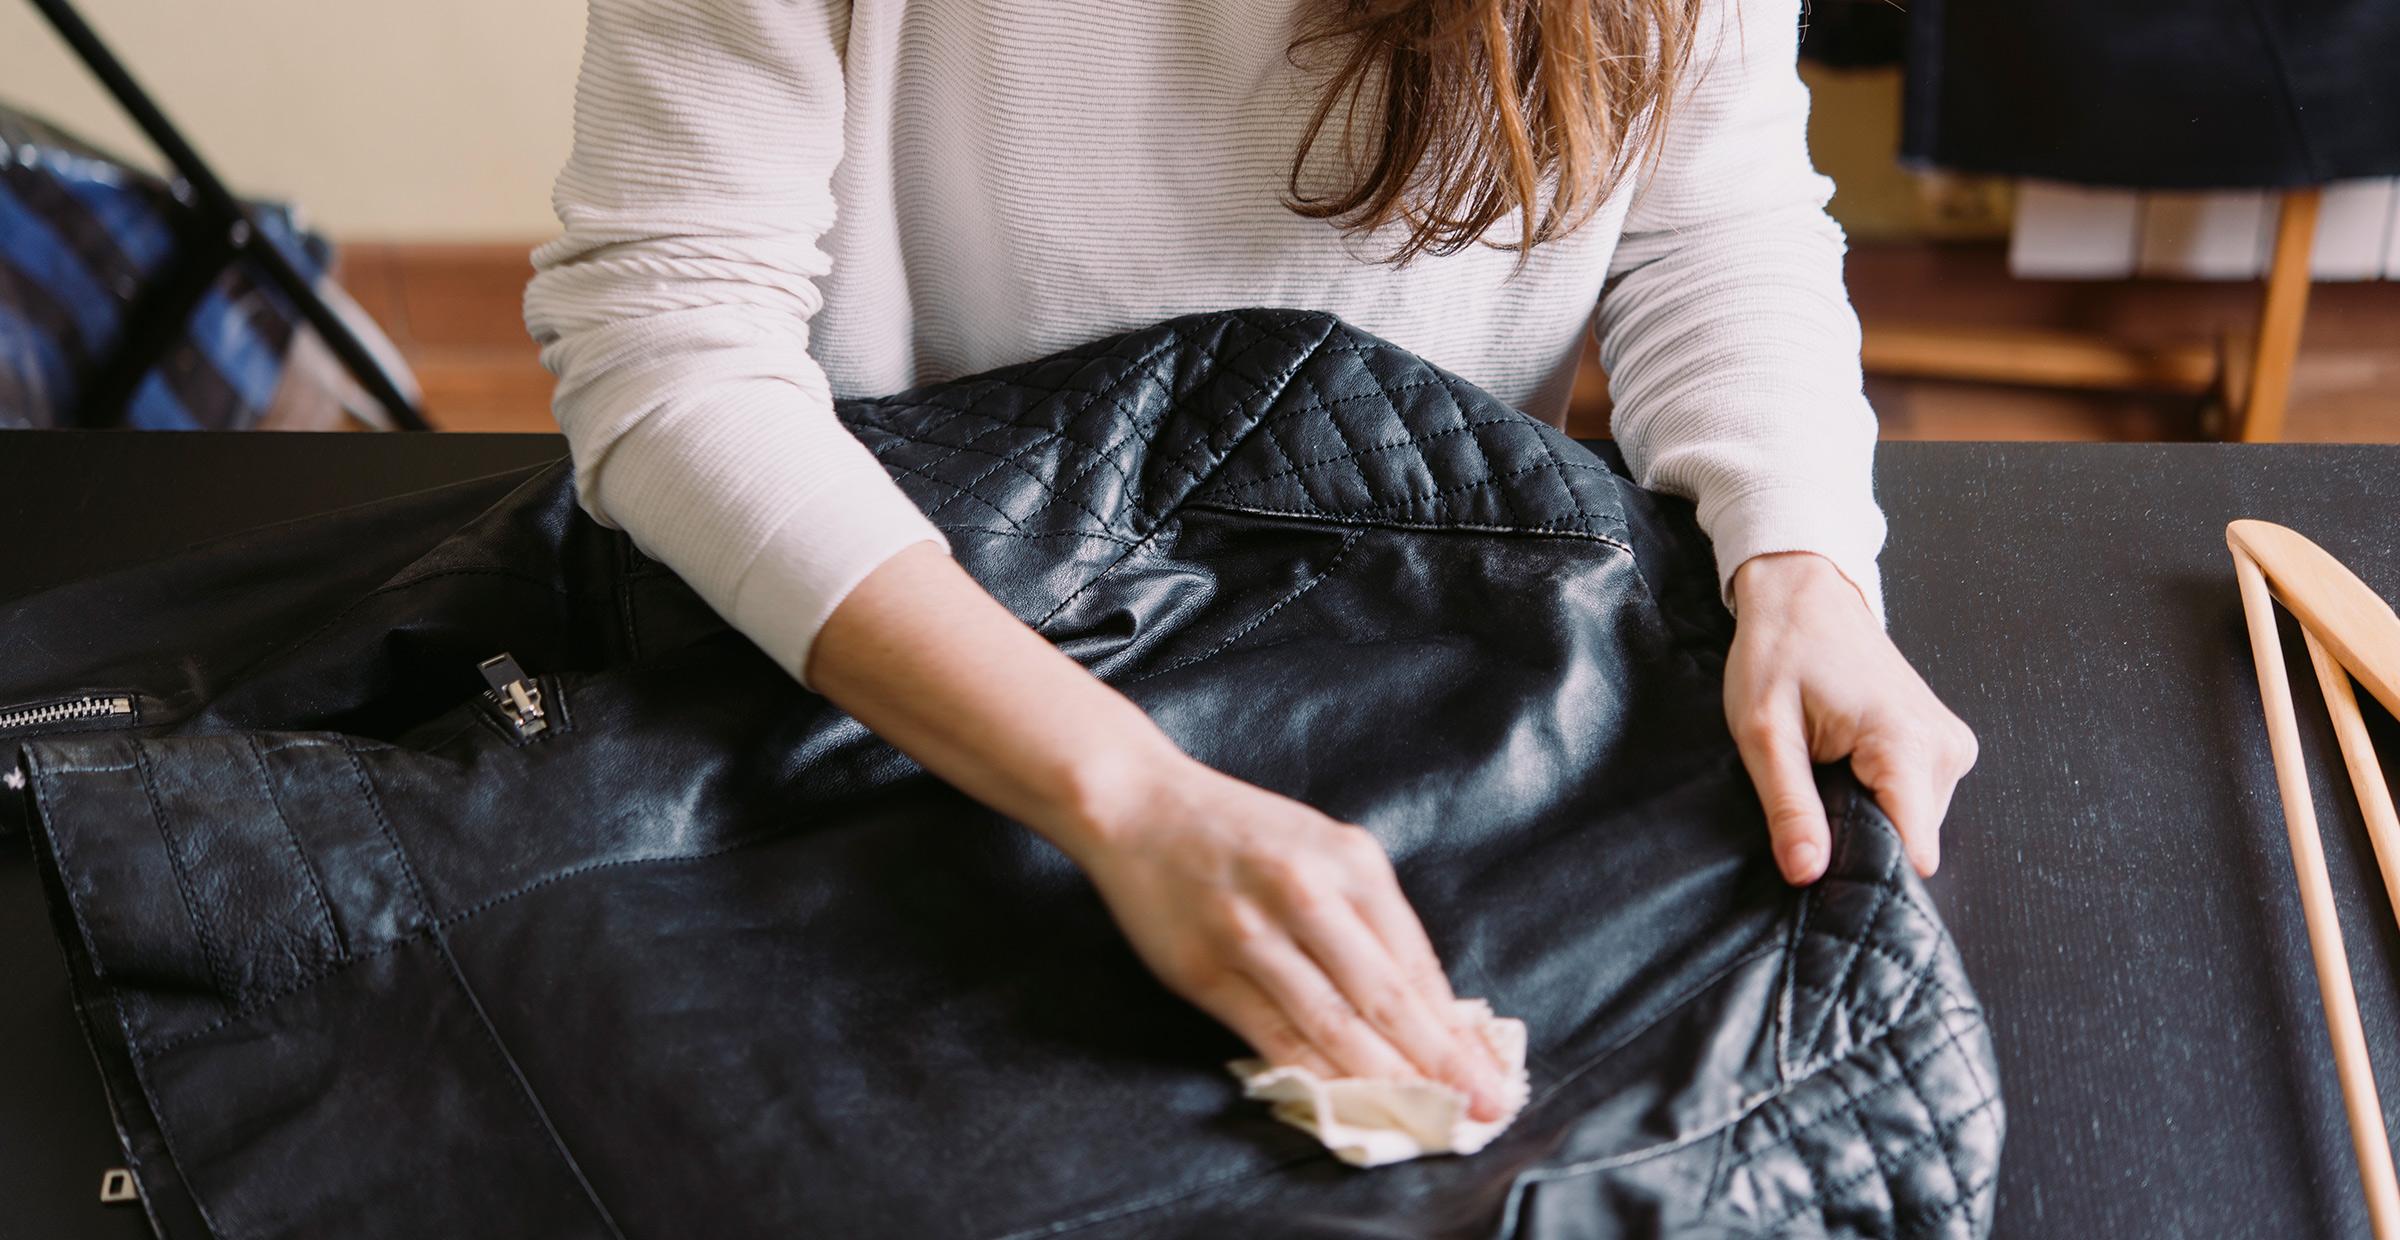 bảo quản đồ da cô gái lau áo khoác da đen